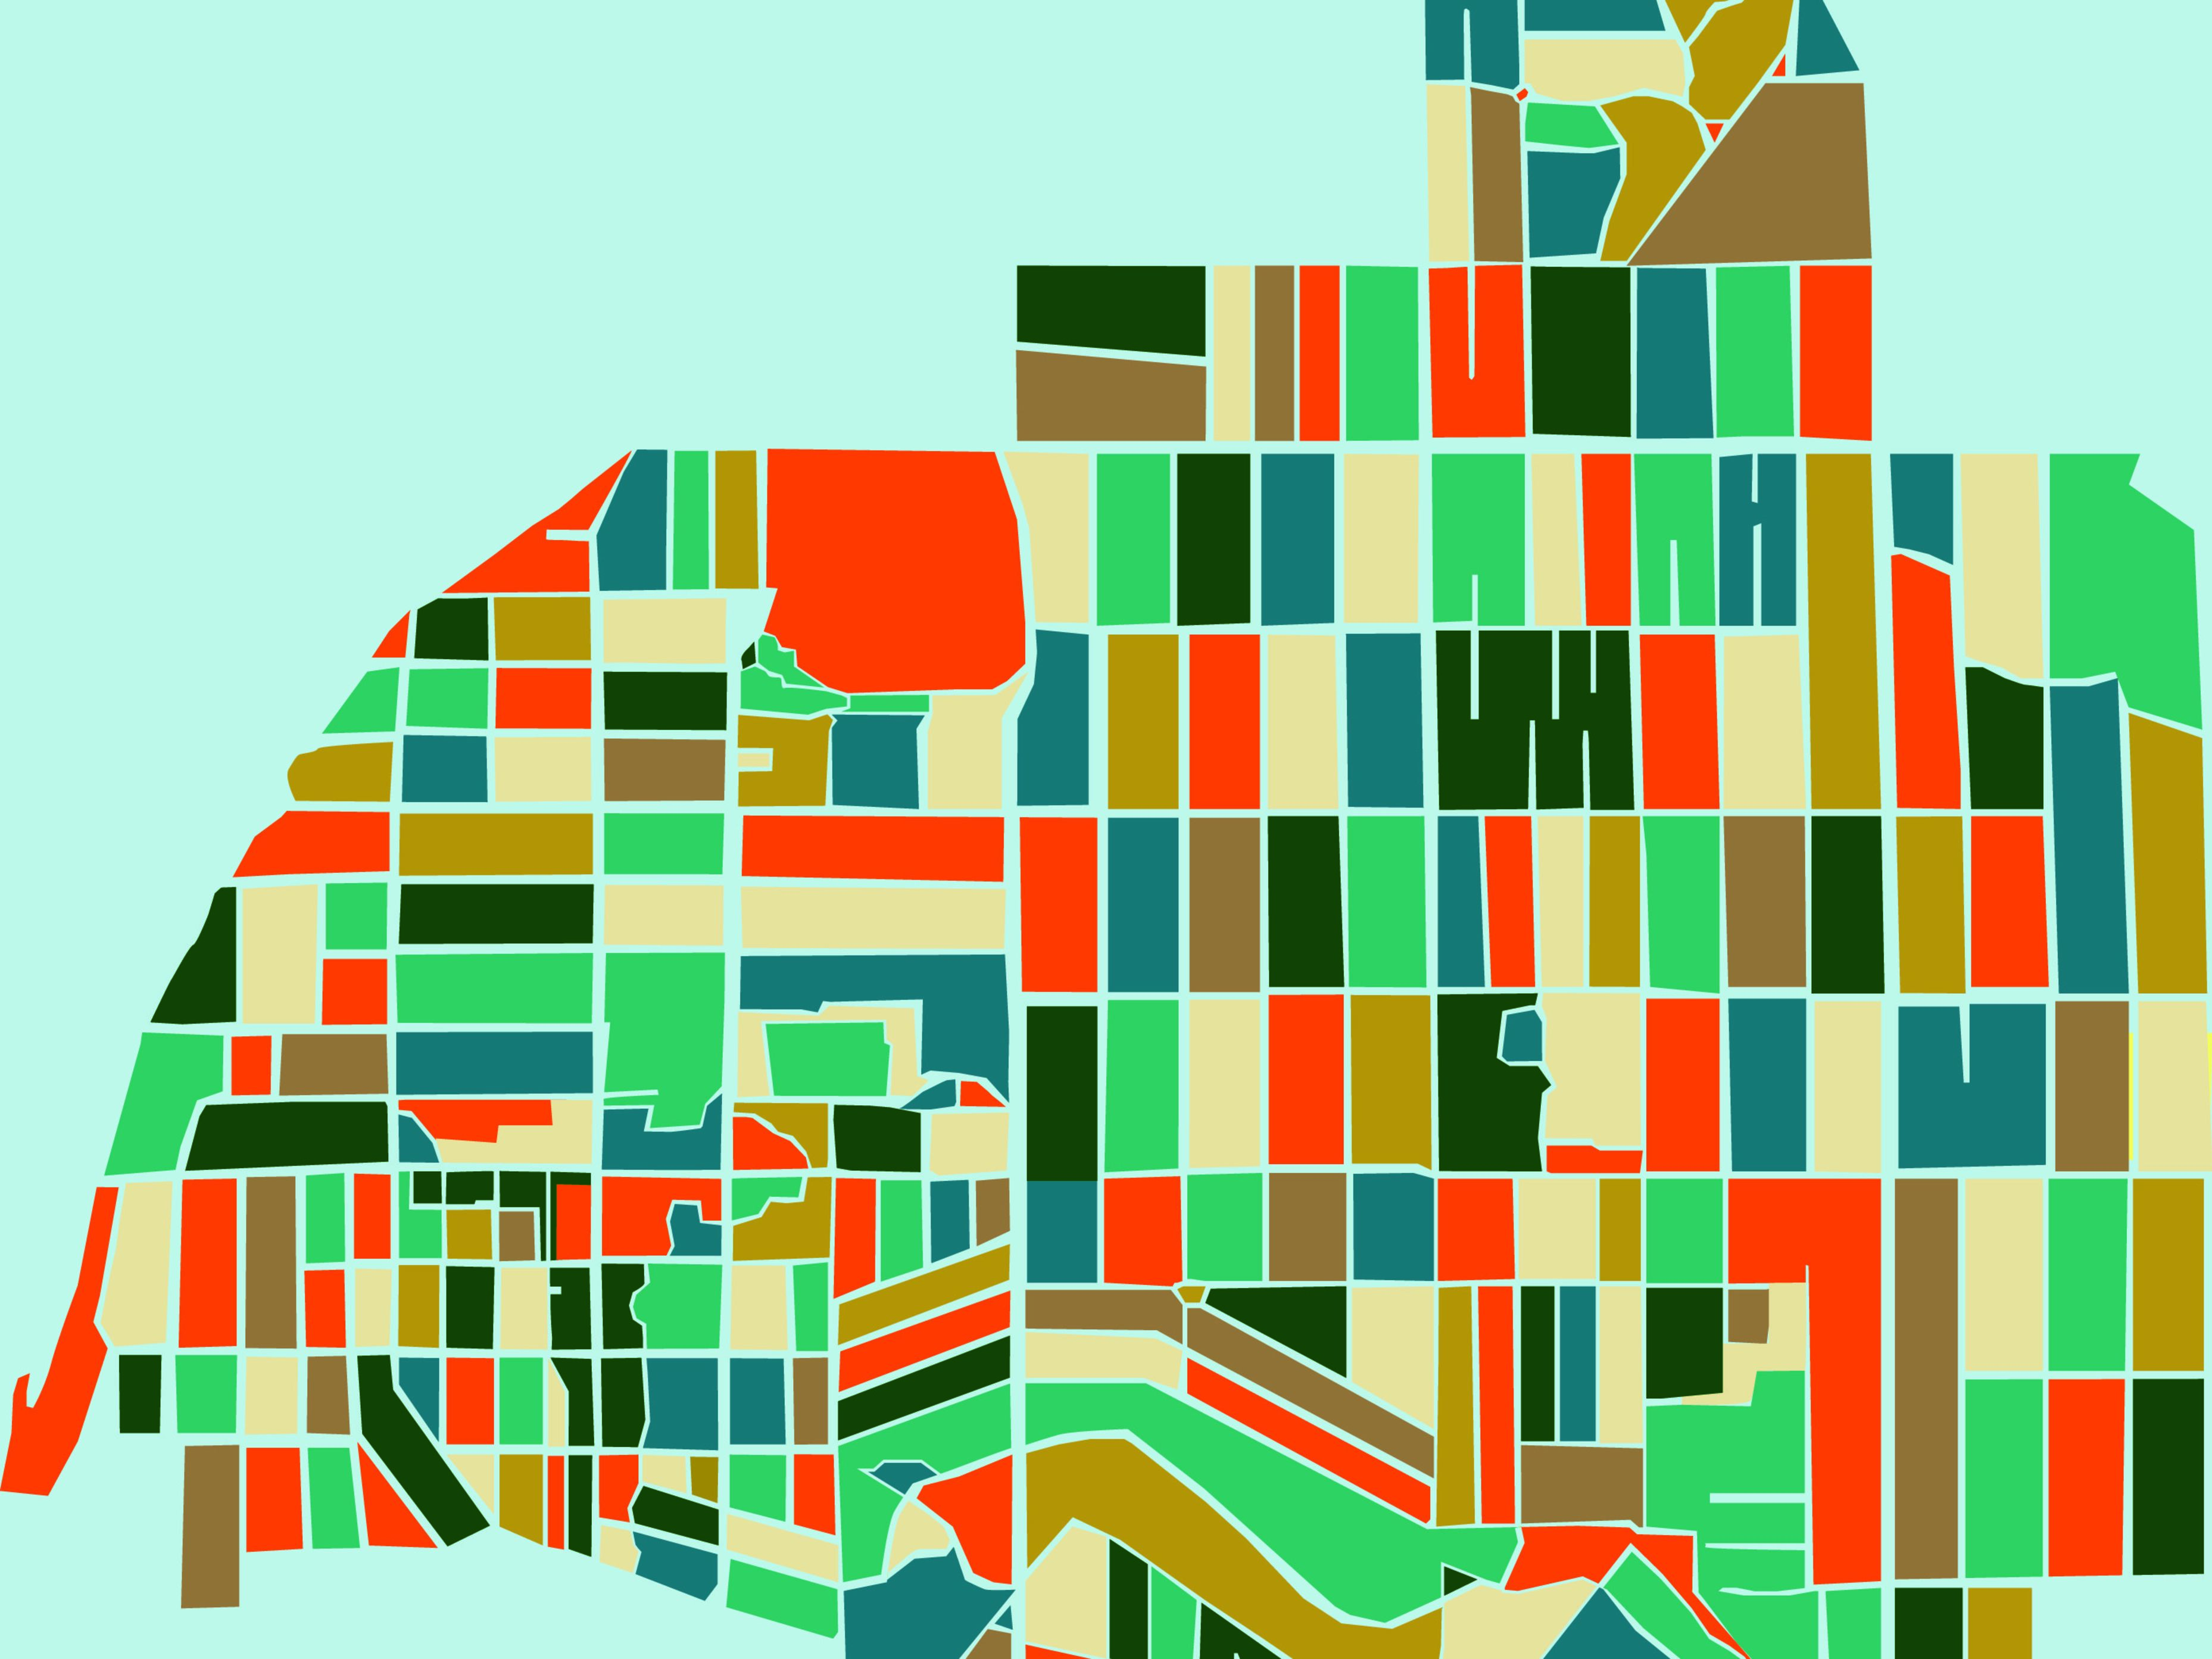 Jis 1216 neighborhoods opener map dem7ud